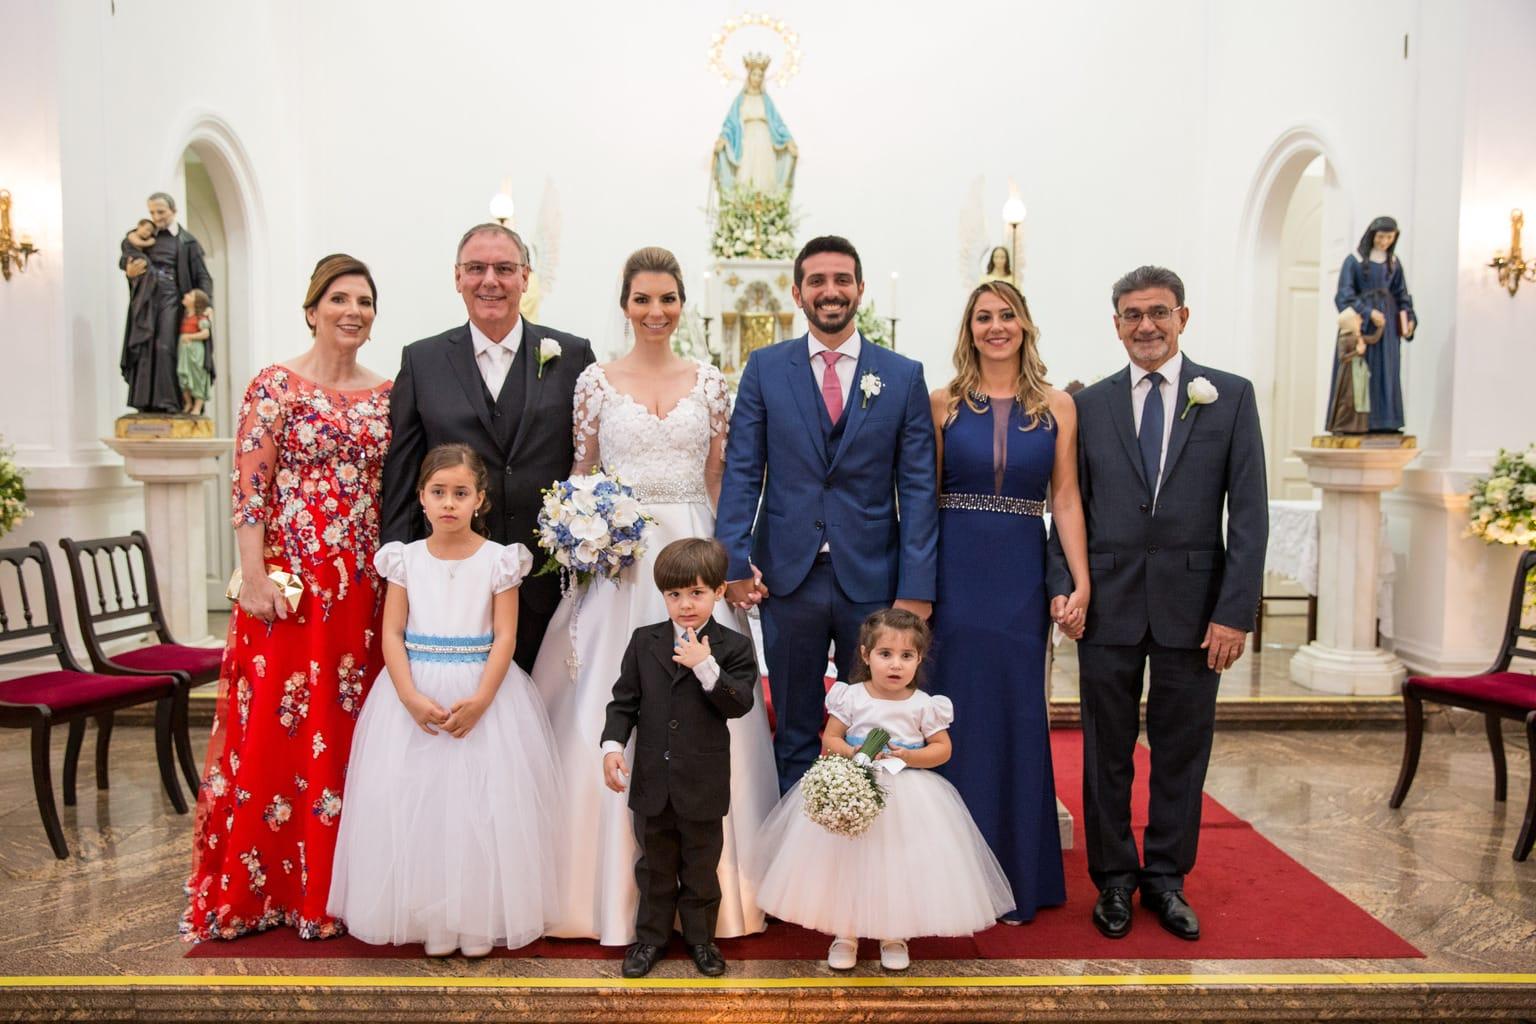 casamento-clássico-casamento-tradicional-rio-de-janeiro-niterói-Fotografia-Giovani-Garcia-casamento-Cássia-e-Daniel-17-1